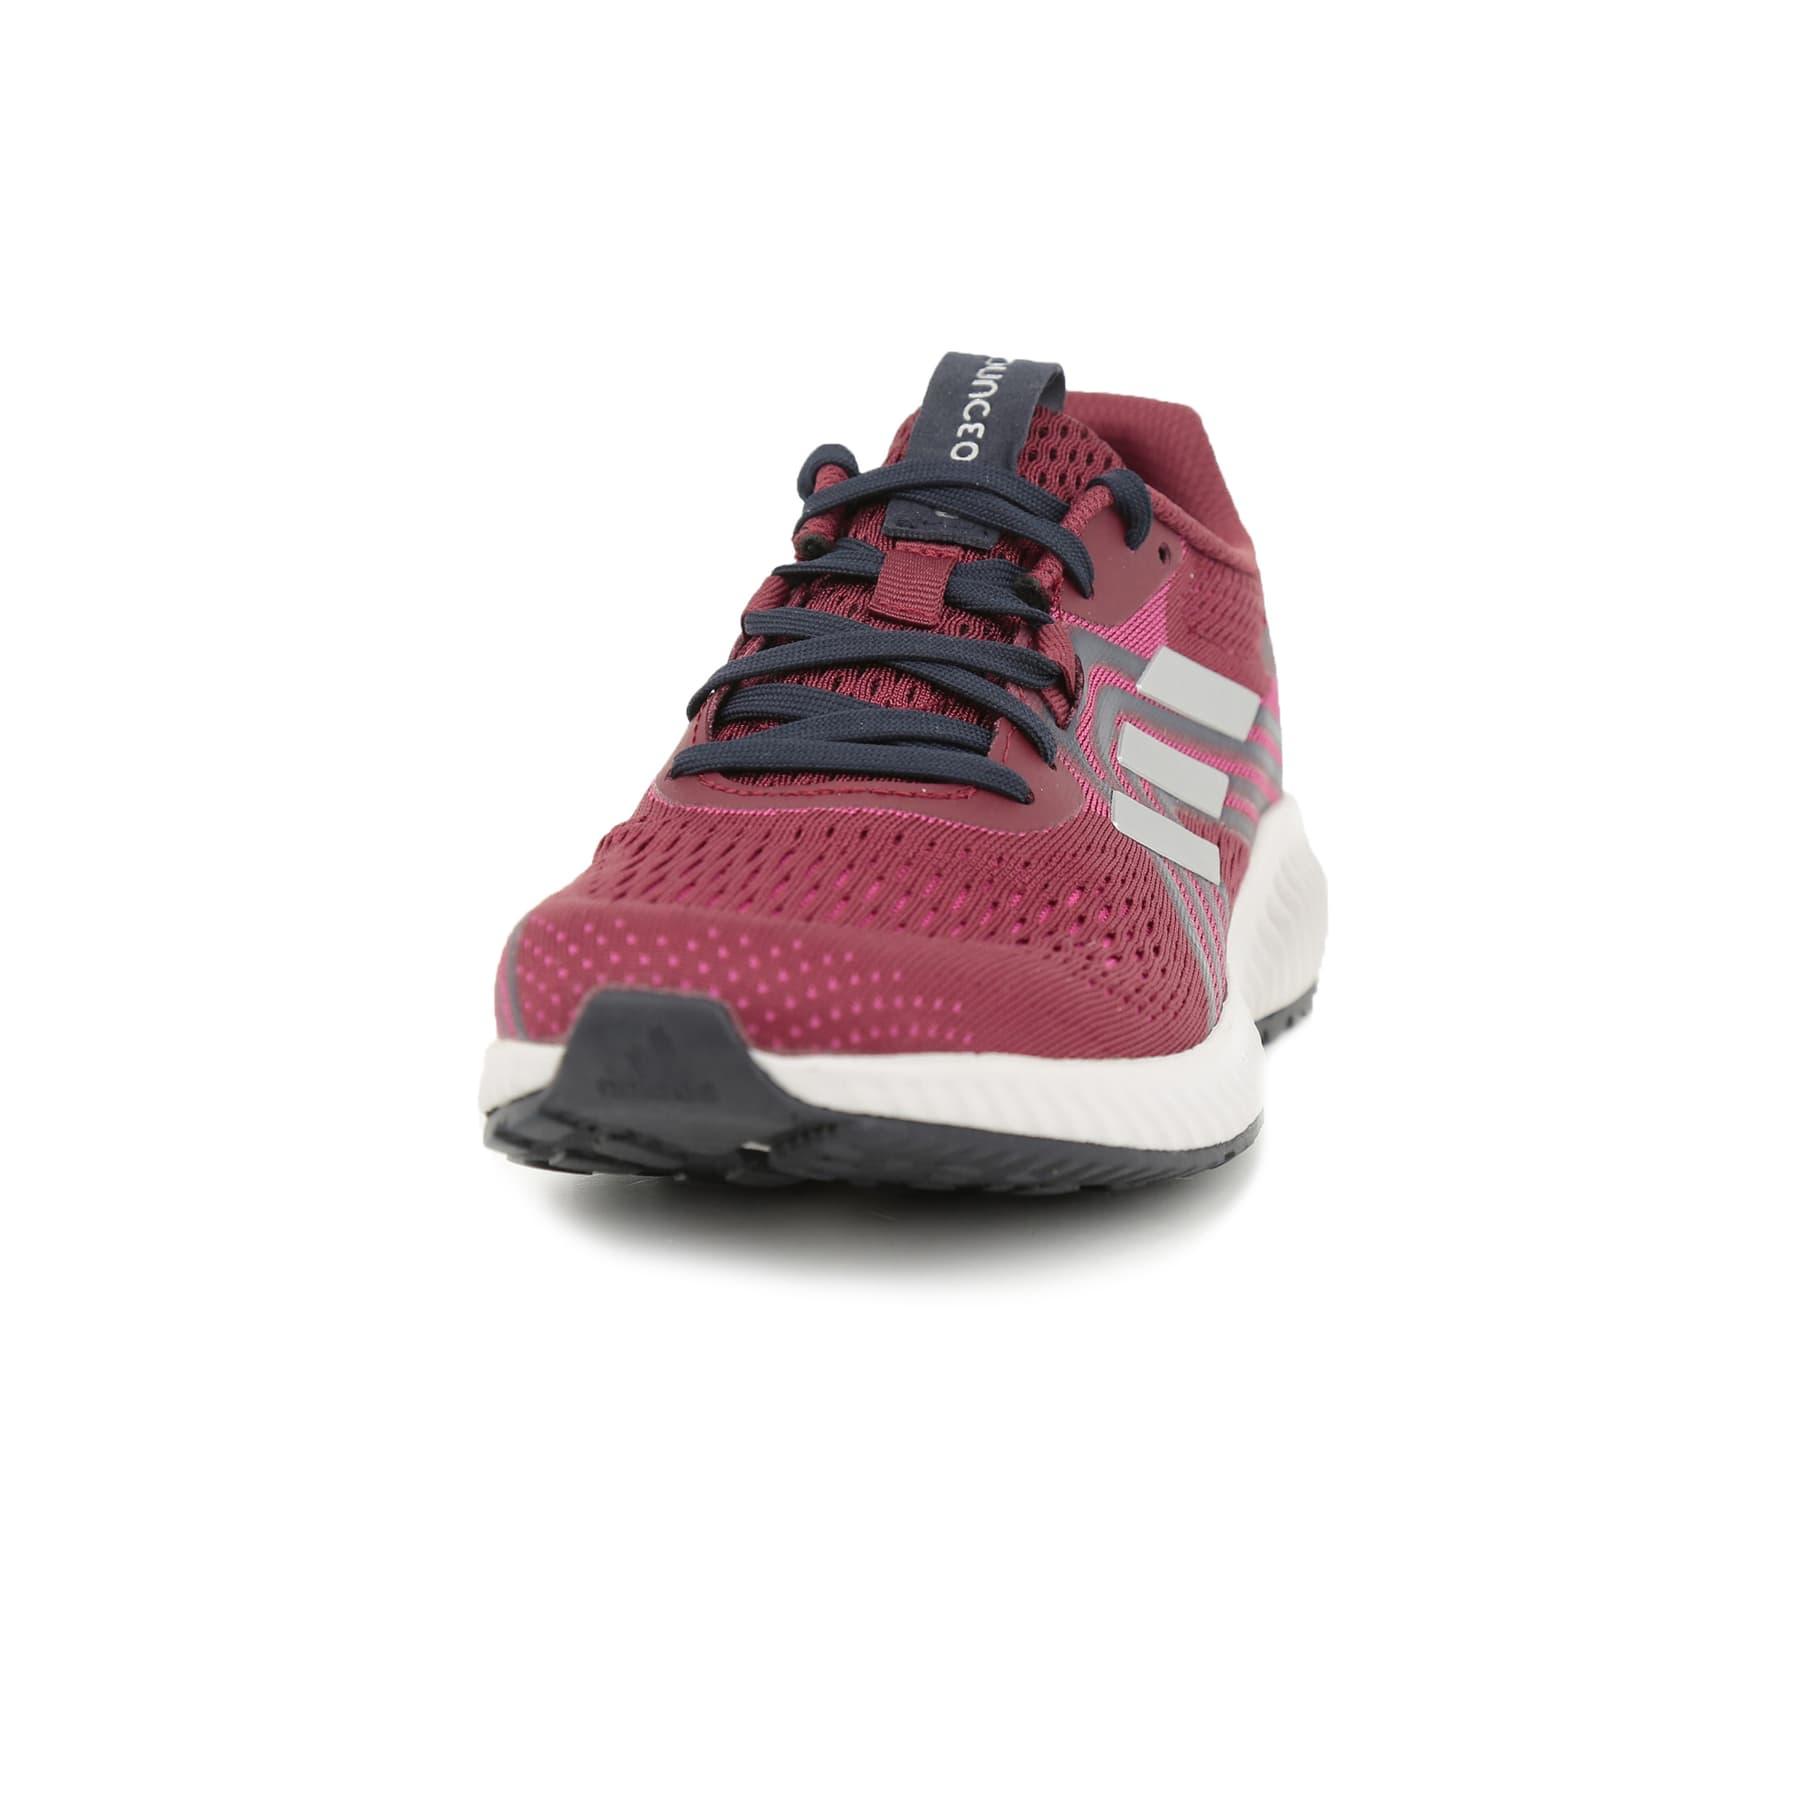 Aerobounce 2 Bordo Kadın Koşu Ayakkabısı